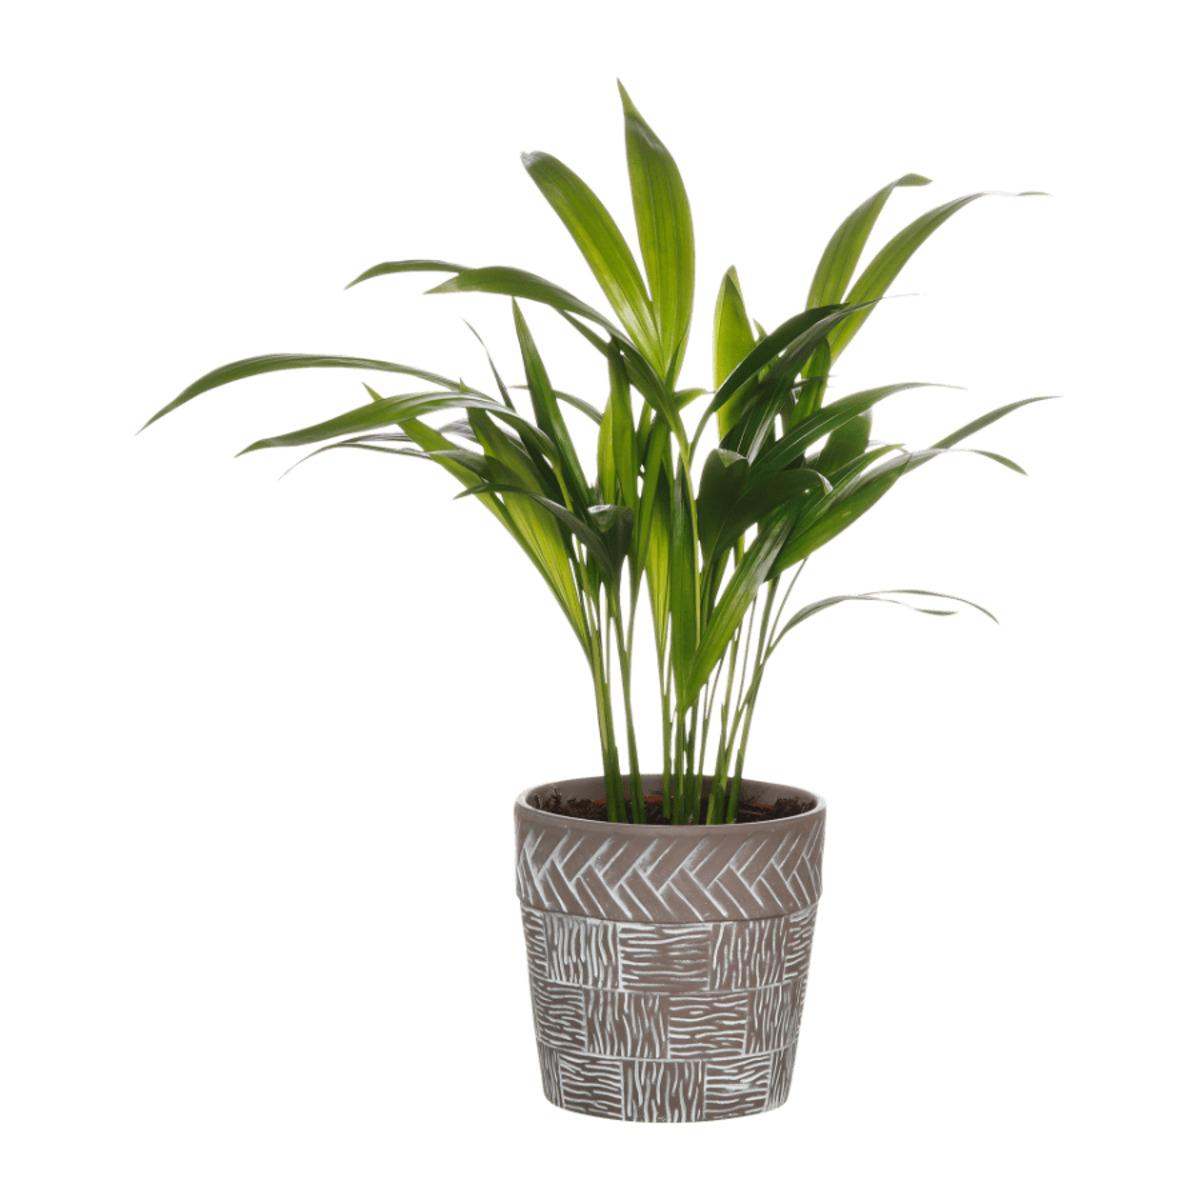 Bild 4 von GARDENLINE     Pflanze in Trendkeramik